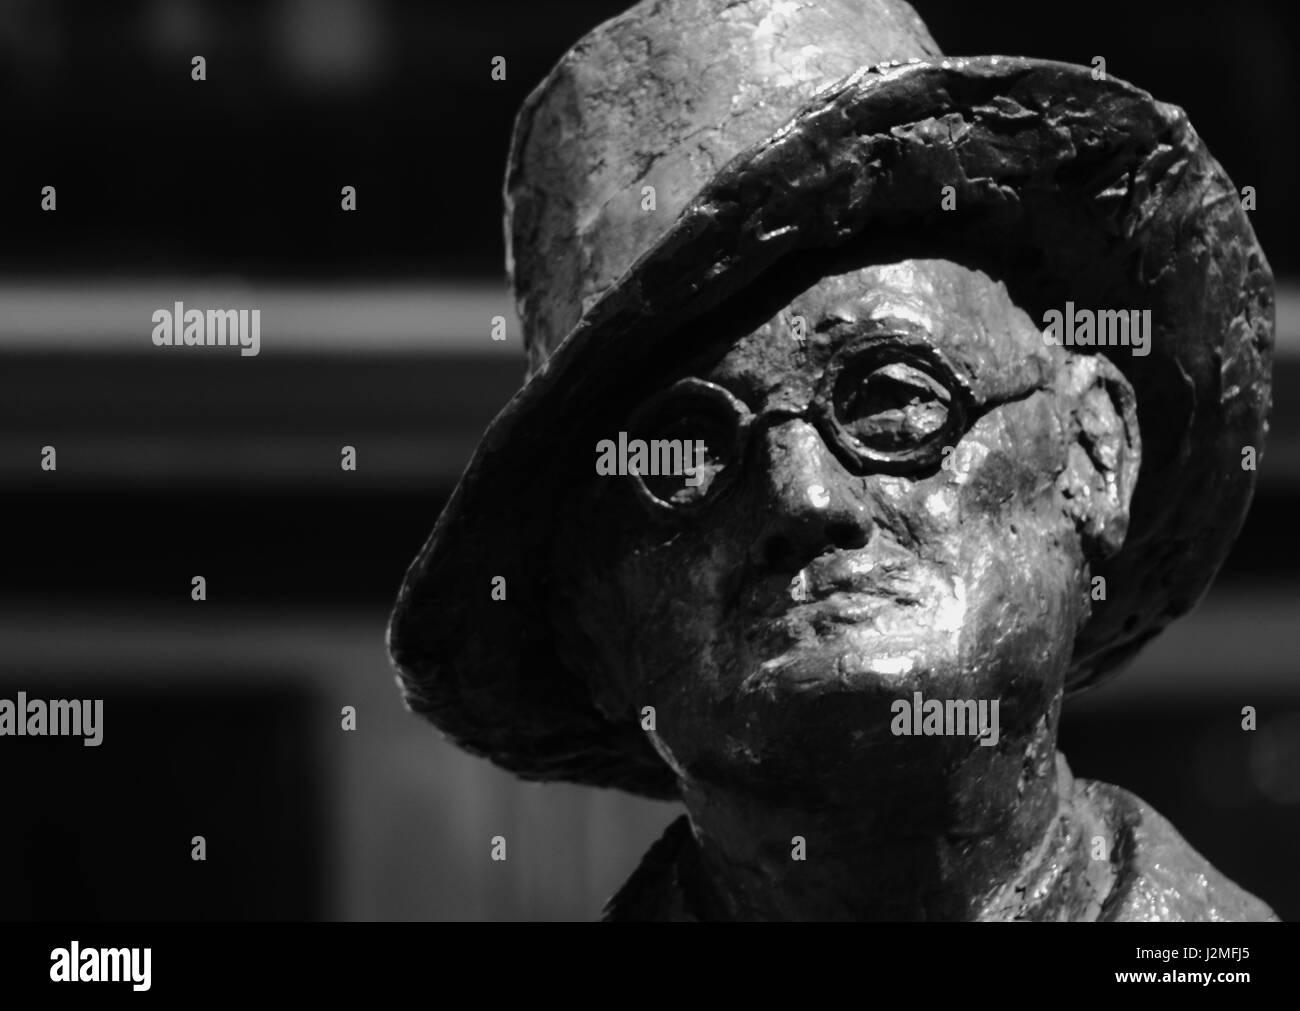 Detail of statue of James Joyce in Earl Street, Dublin - Stock Image